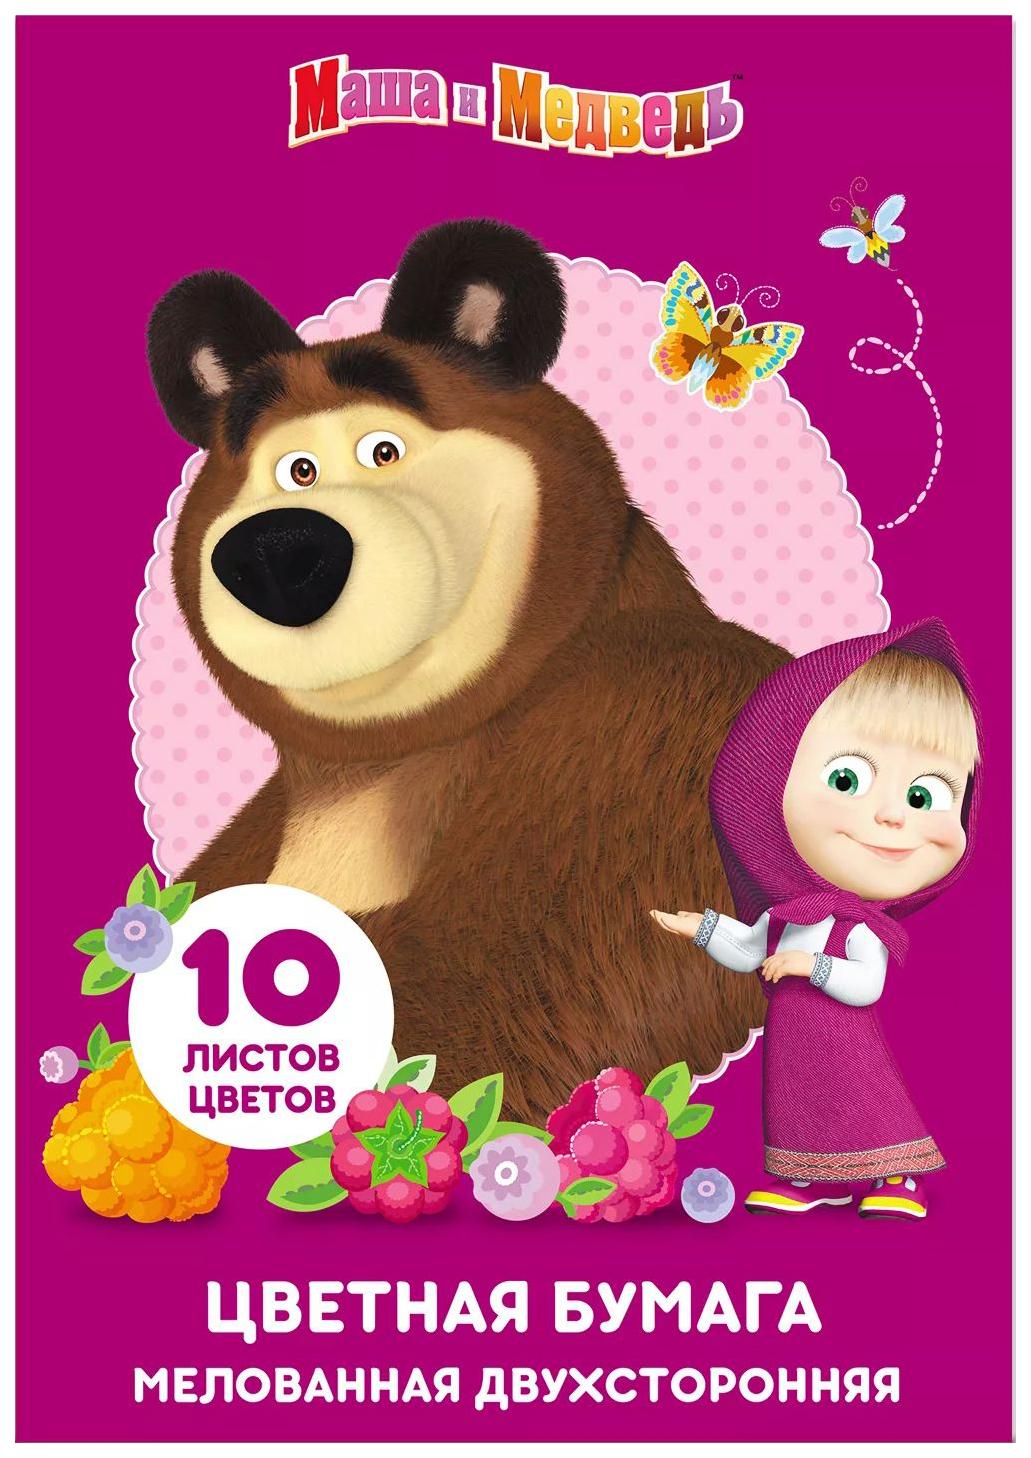 Двухсторонняя цветная бумага Росмэн «Маша и Медведь» 10 листов